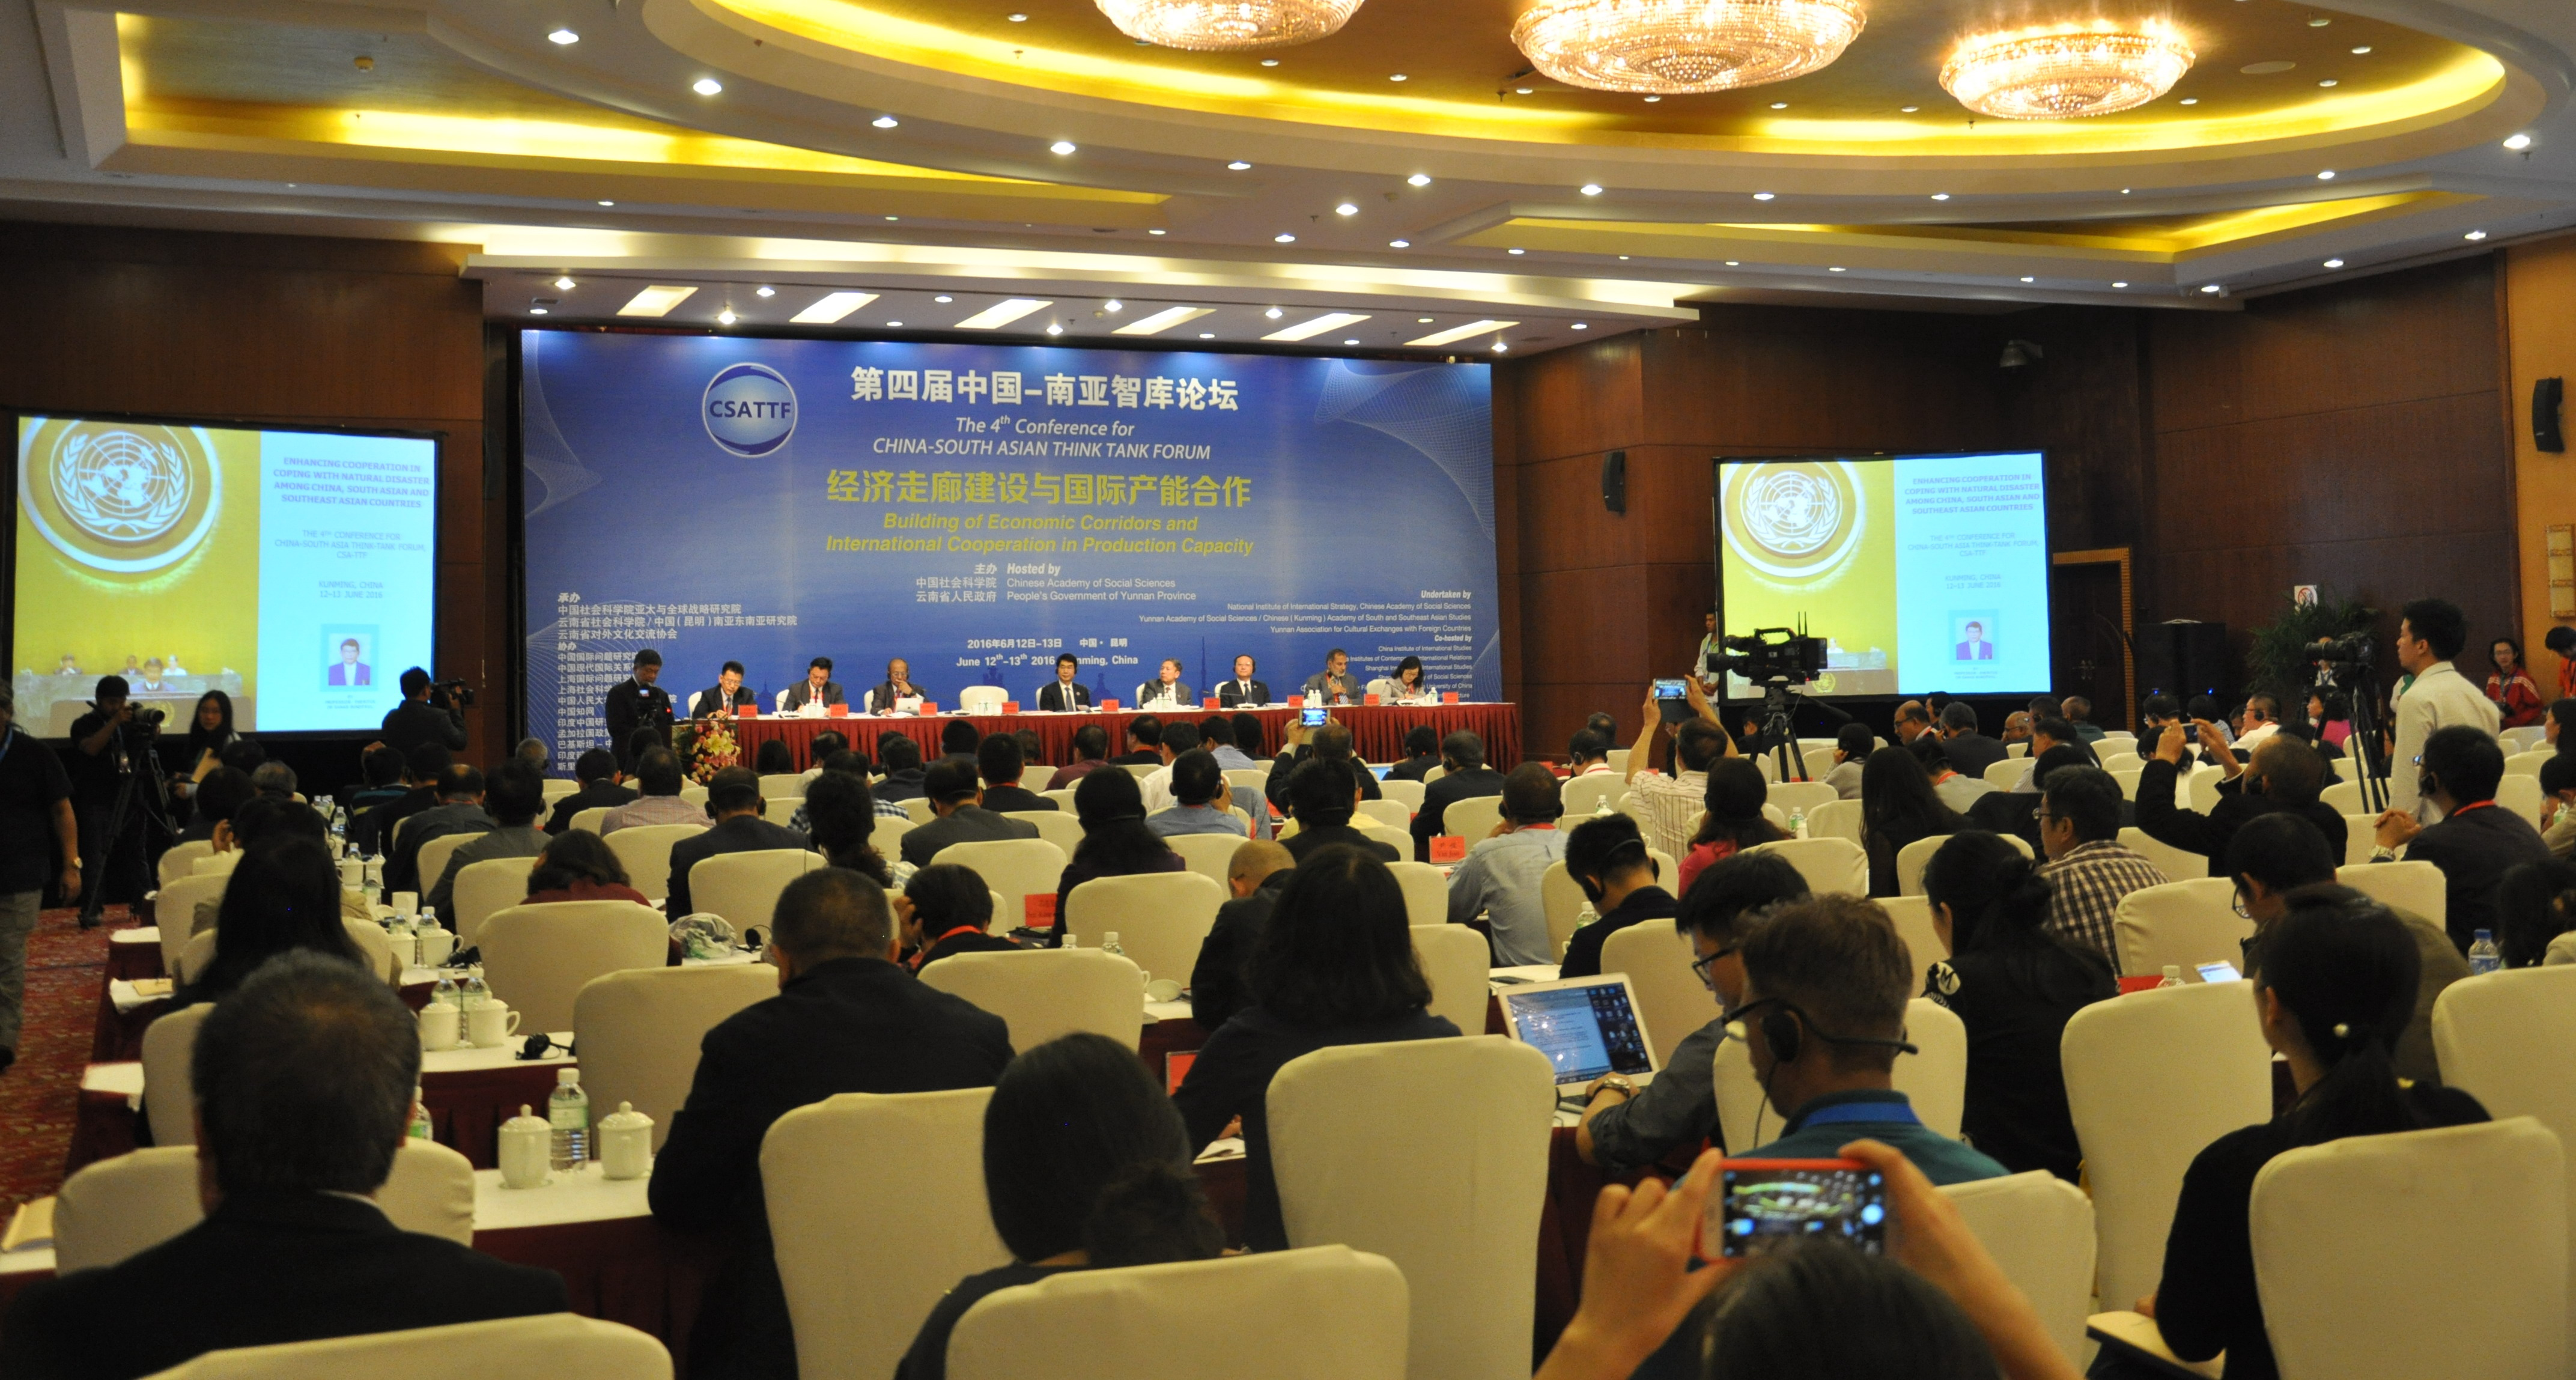 第四届中国—南亚智库论坛在昆明隆重召开